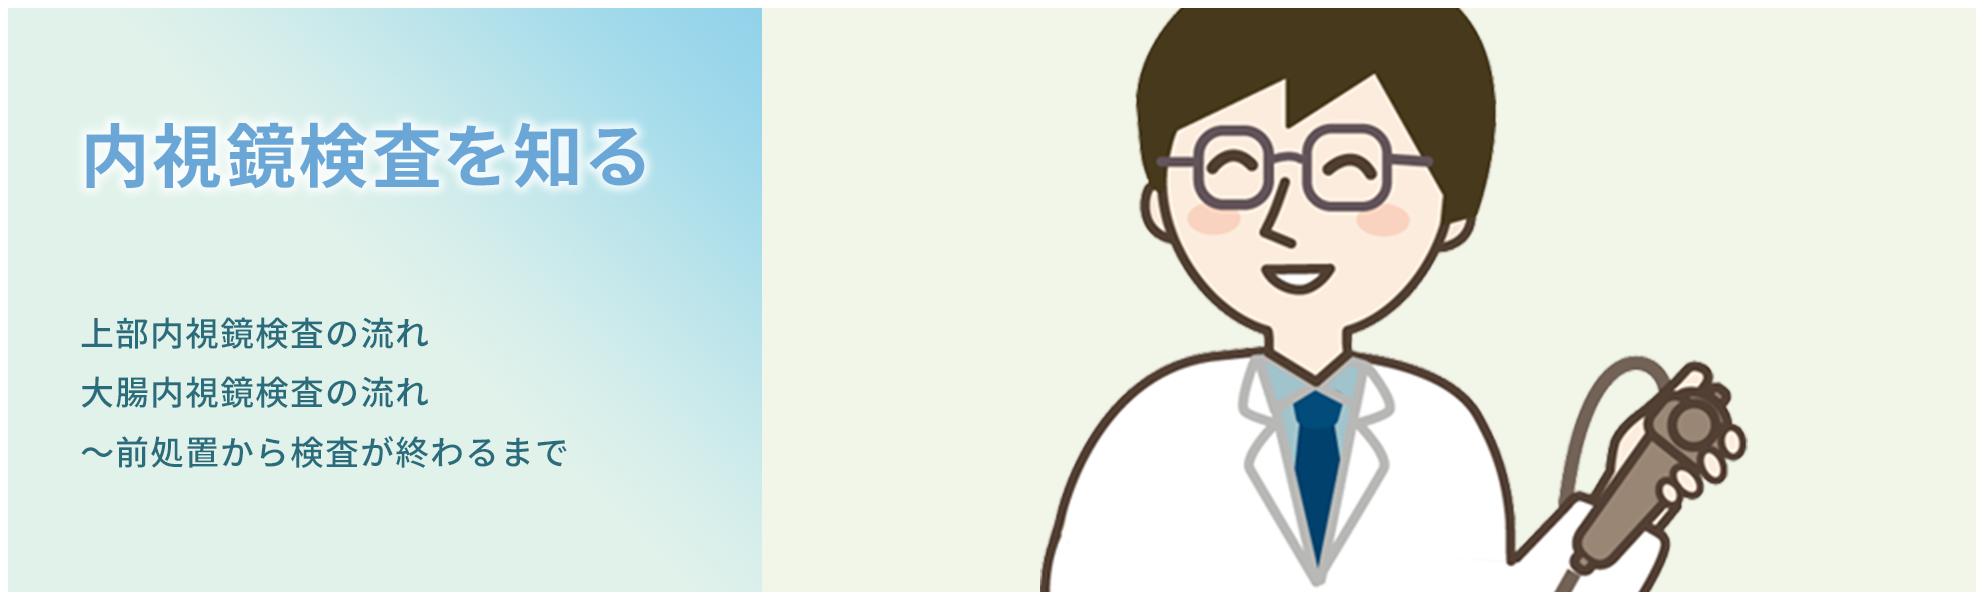 内視鏡検査を知る 上部内視鏡検査の流れ 大腸内視鏡検査の流れ 〜前処置から検査が終わるまで